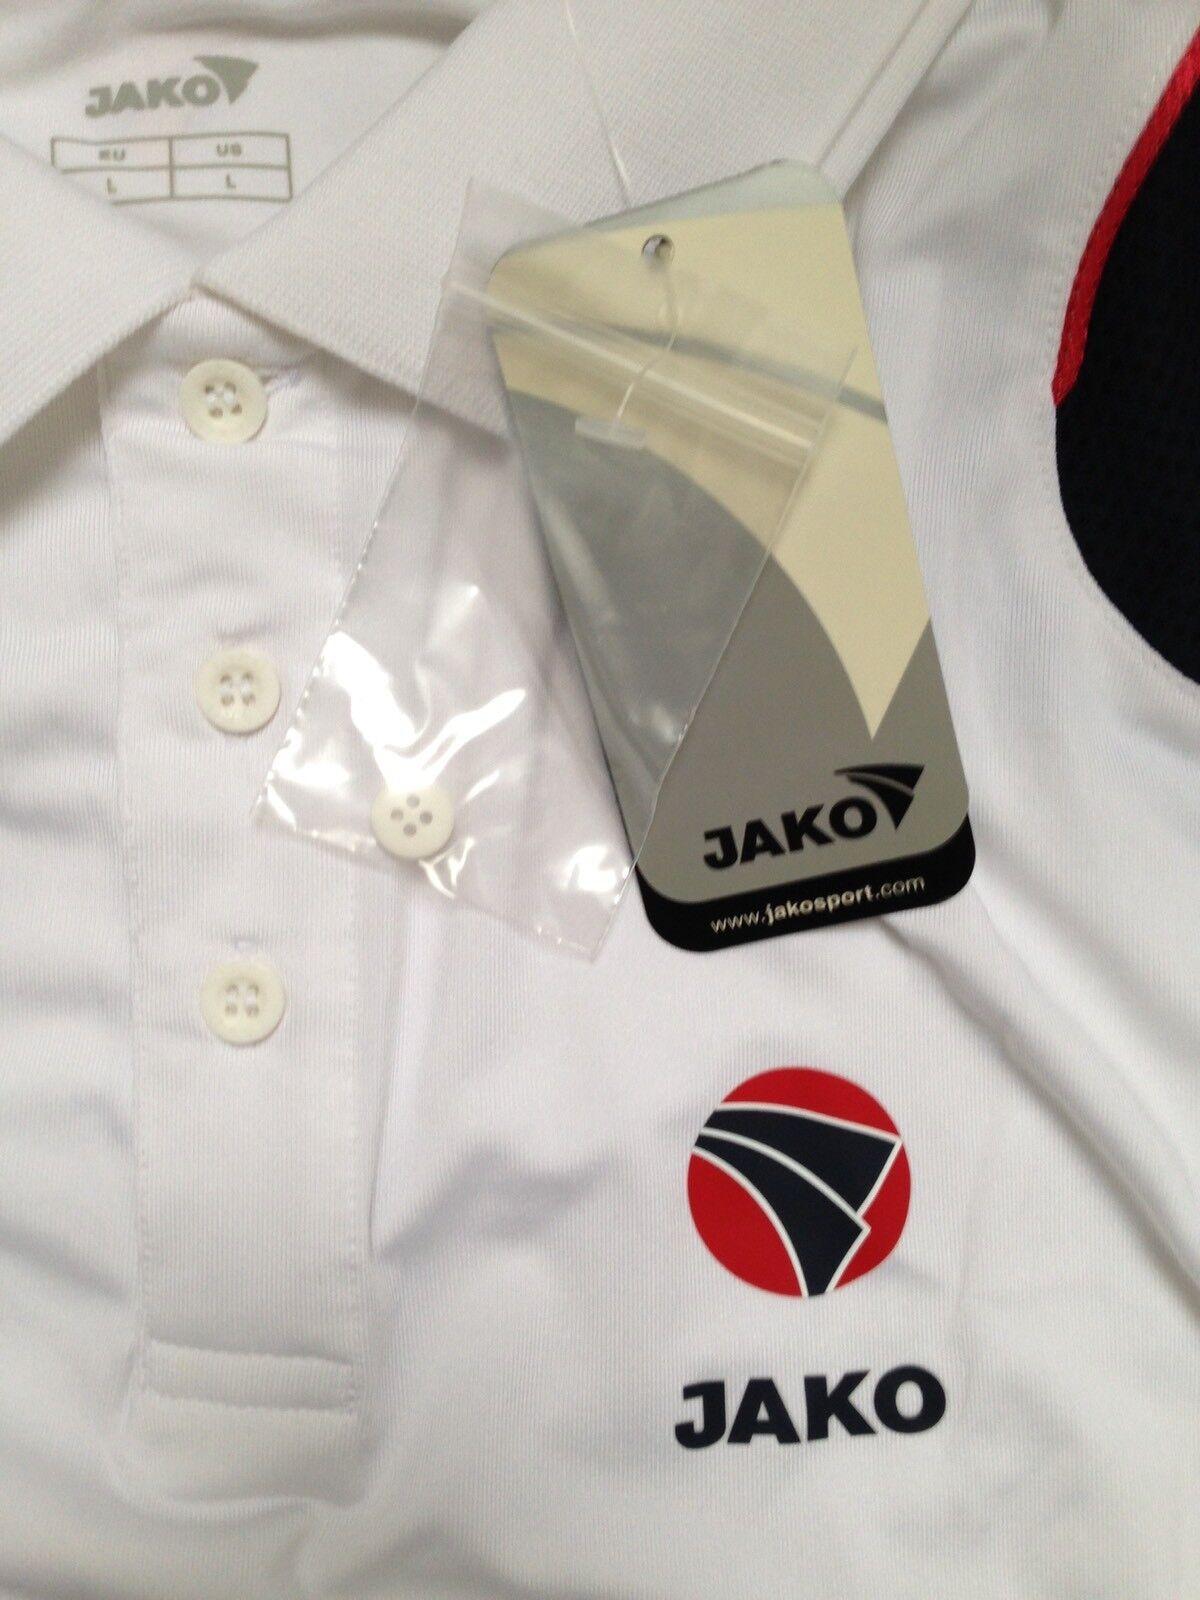 Zwei 'JAKO' Tennis Tennis Tennis Shirts Gr. L 80e339